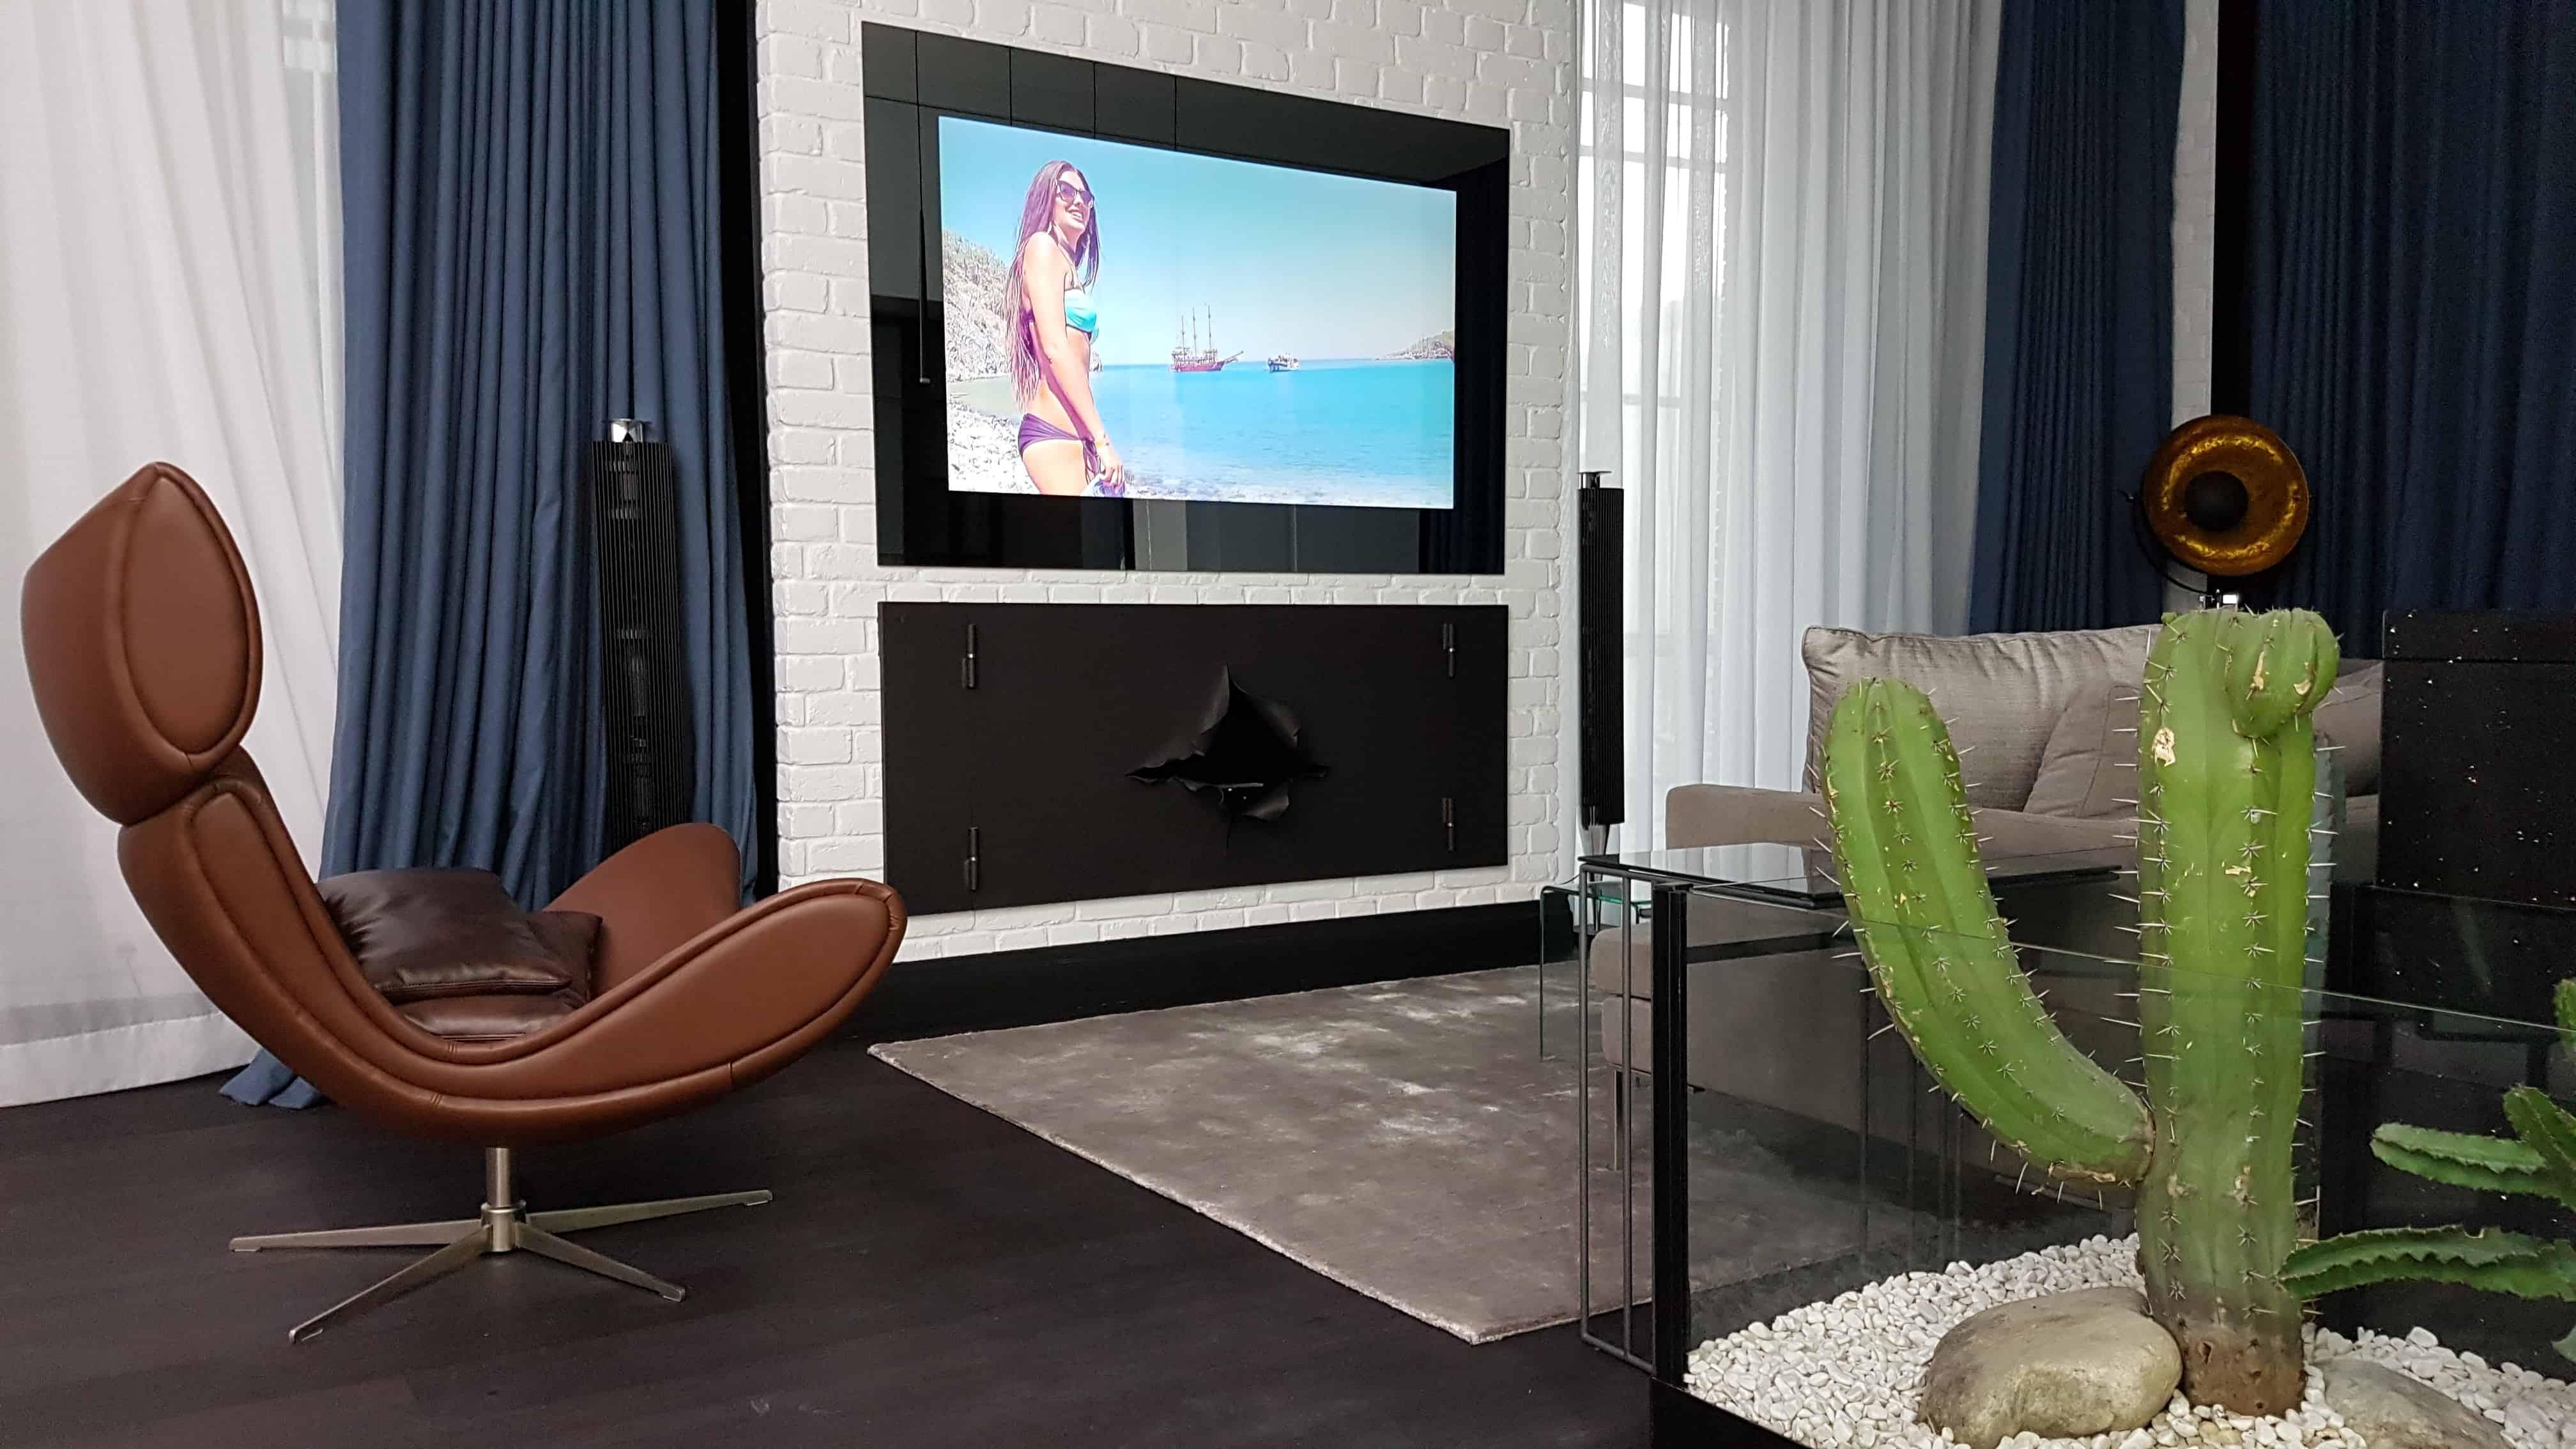 Дизайнерский зеркальный телевизор Tele-Art. телевизор в гостиную